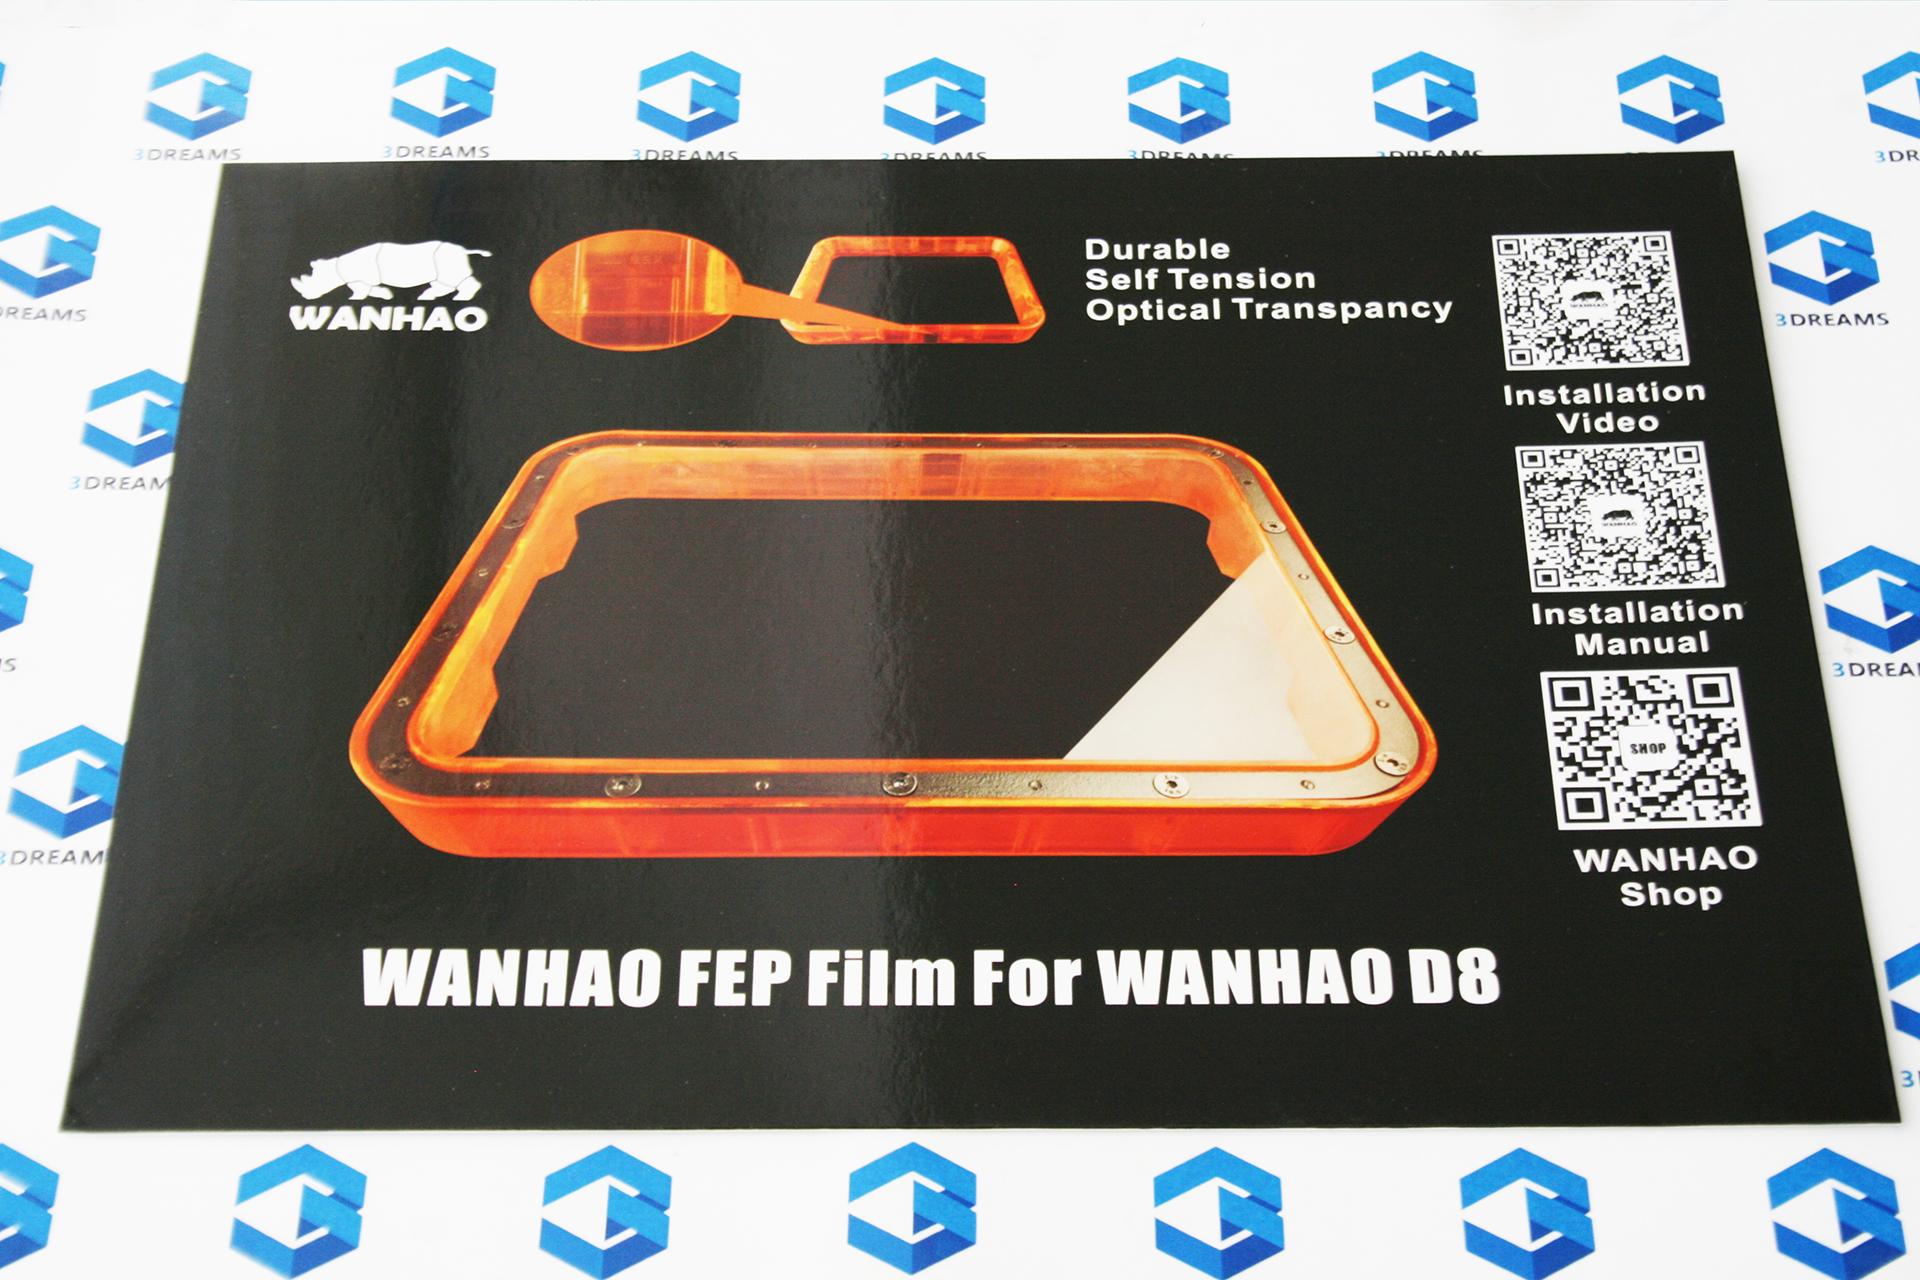 Тефлоновая FEP пленка для ванночки для DLP 3D принтера Wanhao Duplicator 8 купить украина